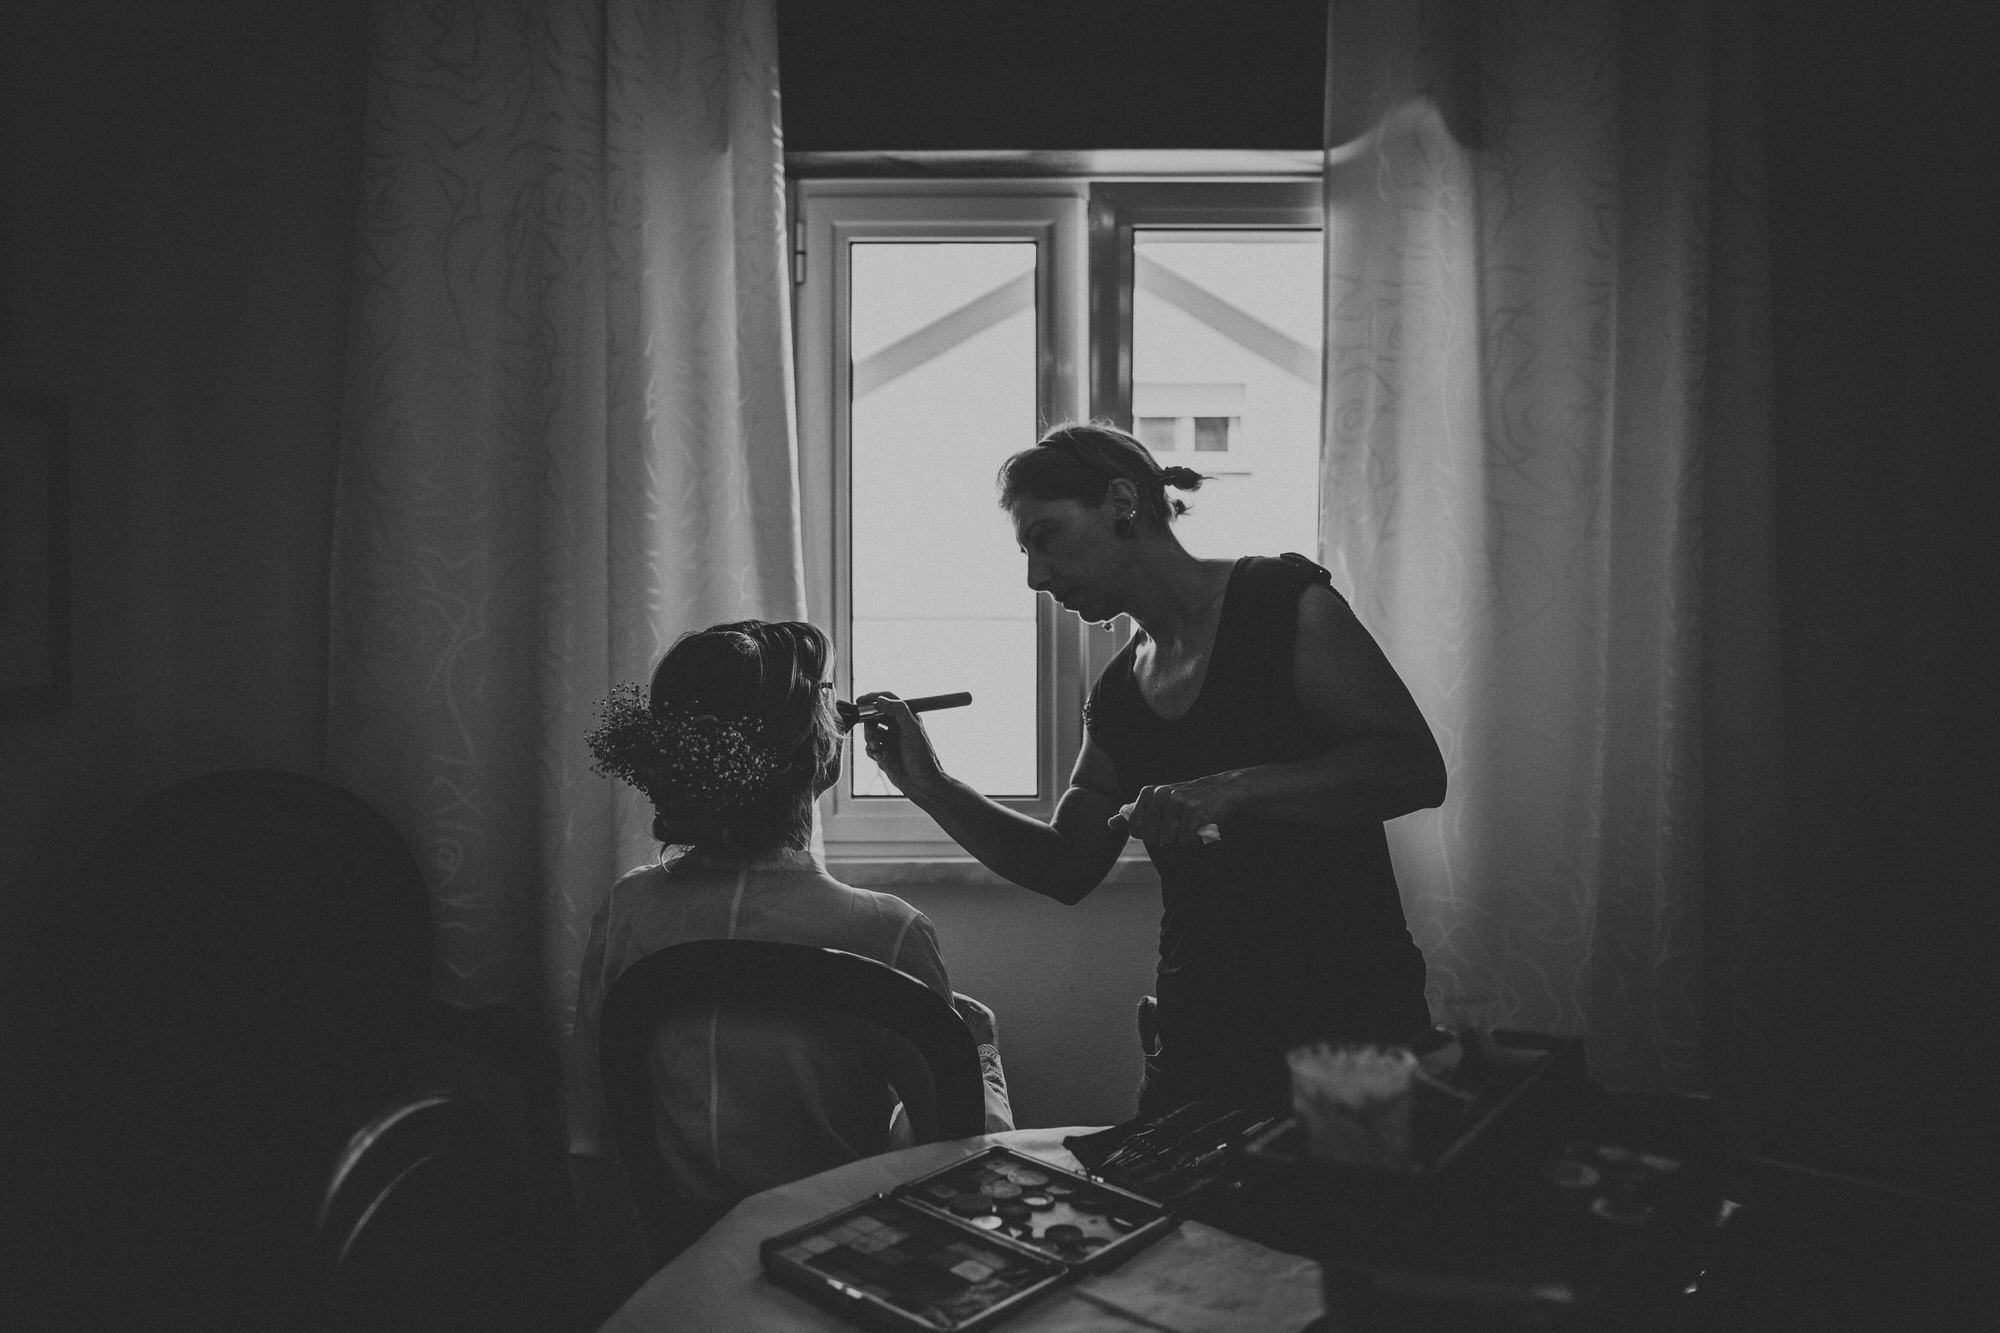 Filipe Santiago Fotografia-fotografo-malveira-lisboa-cascais-mafra-melhores-reportagem-wedding-photography-portugal-lisbon-best-natural-casamentos-lifestyle-bride-ideias-rustic-boho-hair-mackup-damas-preparativos-preparations-bridemaids-dress-storie-bw